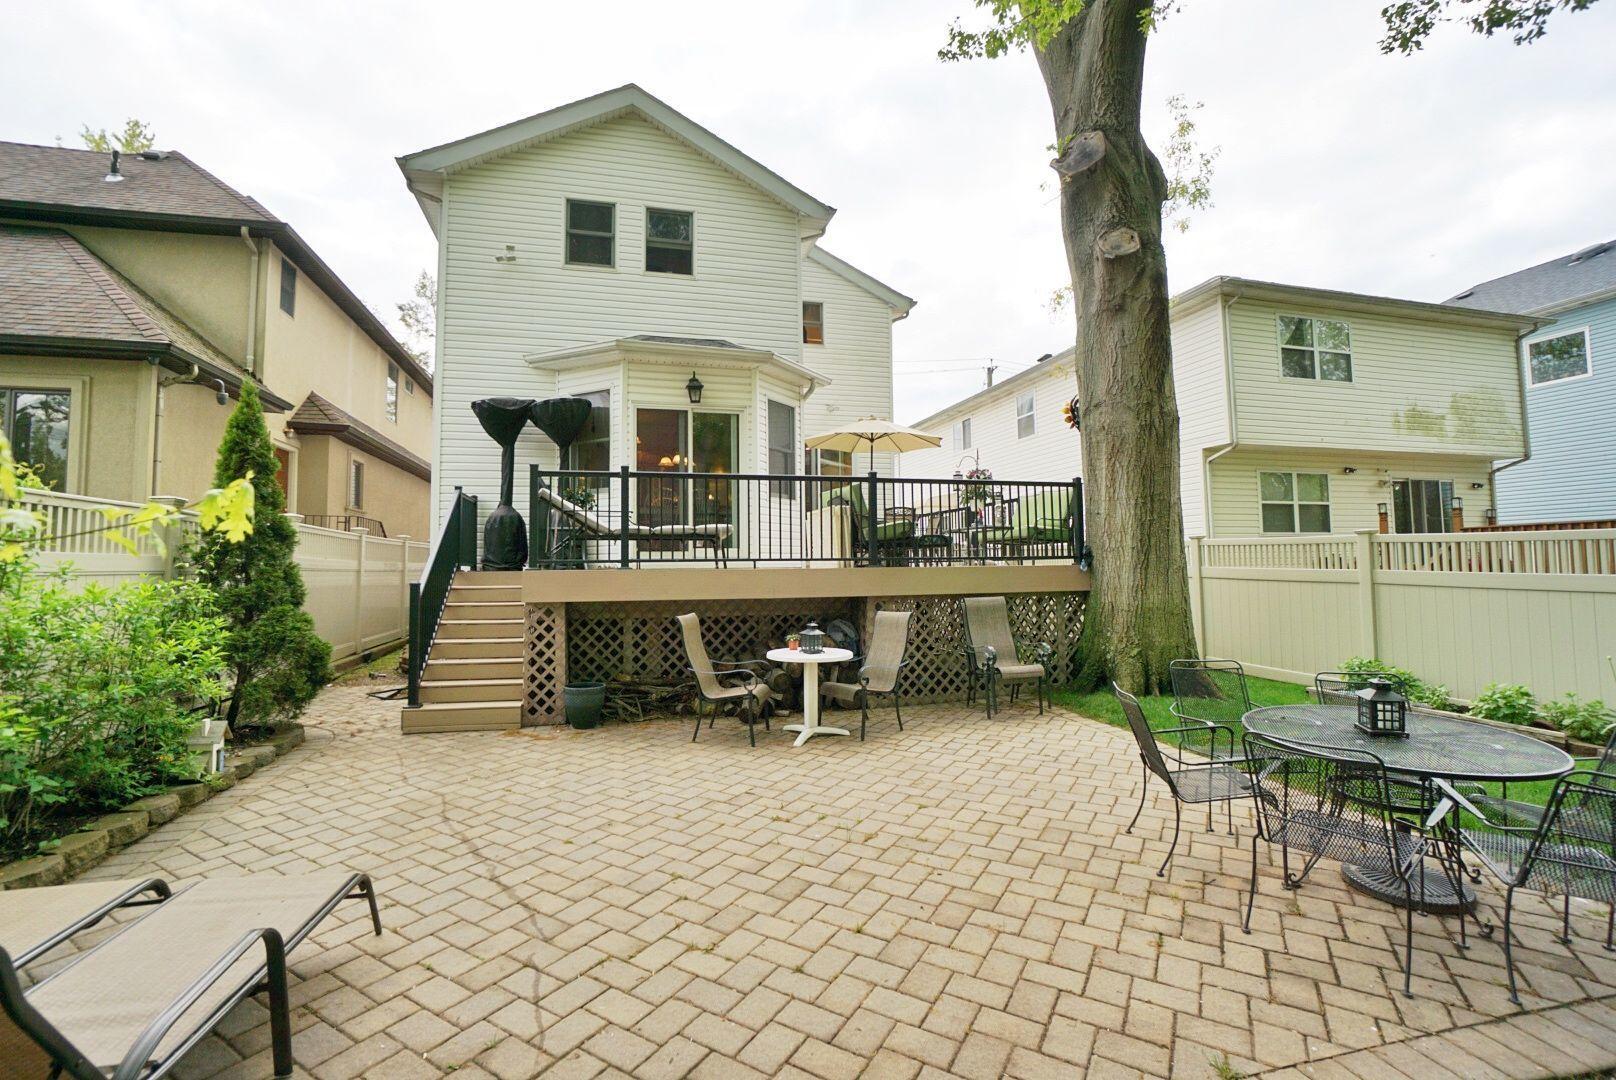 Single Family - Detached 311 Sharrott Avenue  Staten Island, NY 10309, MLS-1146042-62